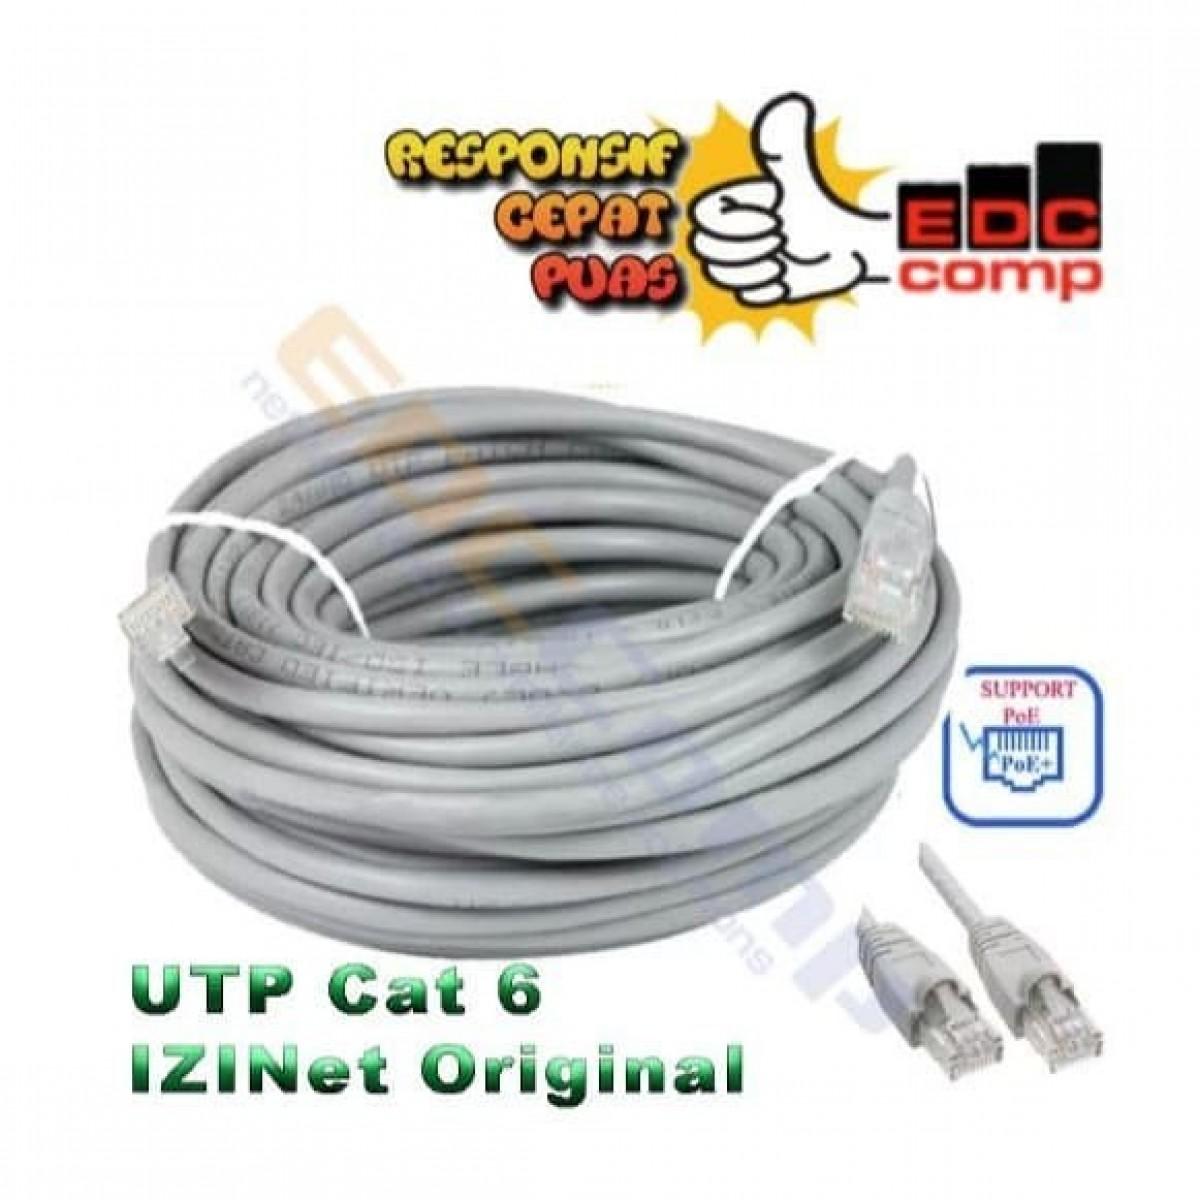 Kabel IZINET UTP Cat6 / Cable Izinet Cat6 95 Meter - EdcComp